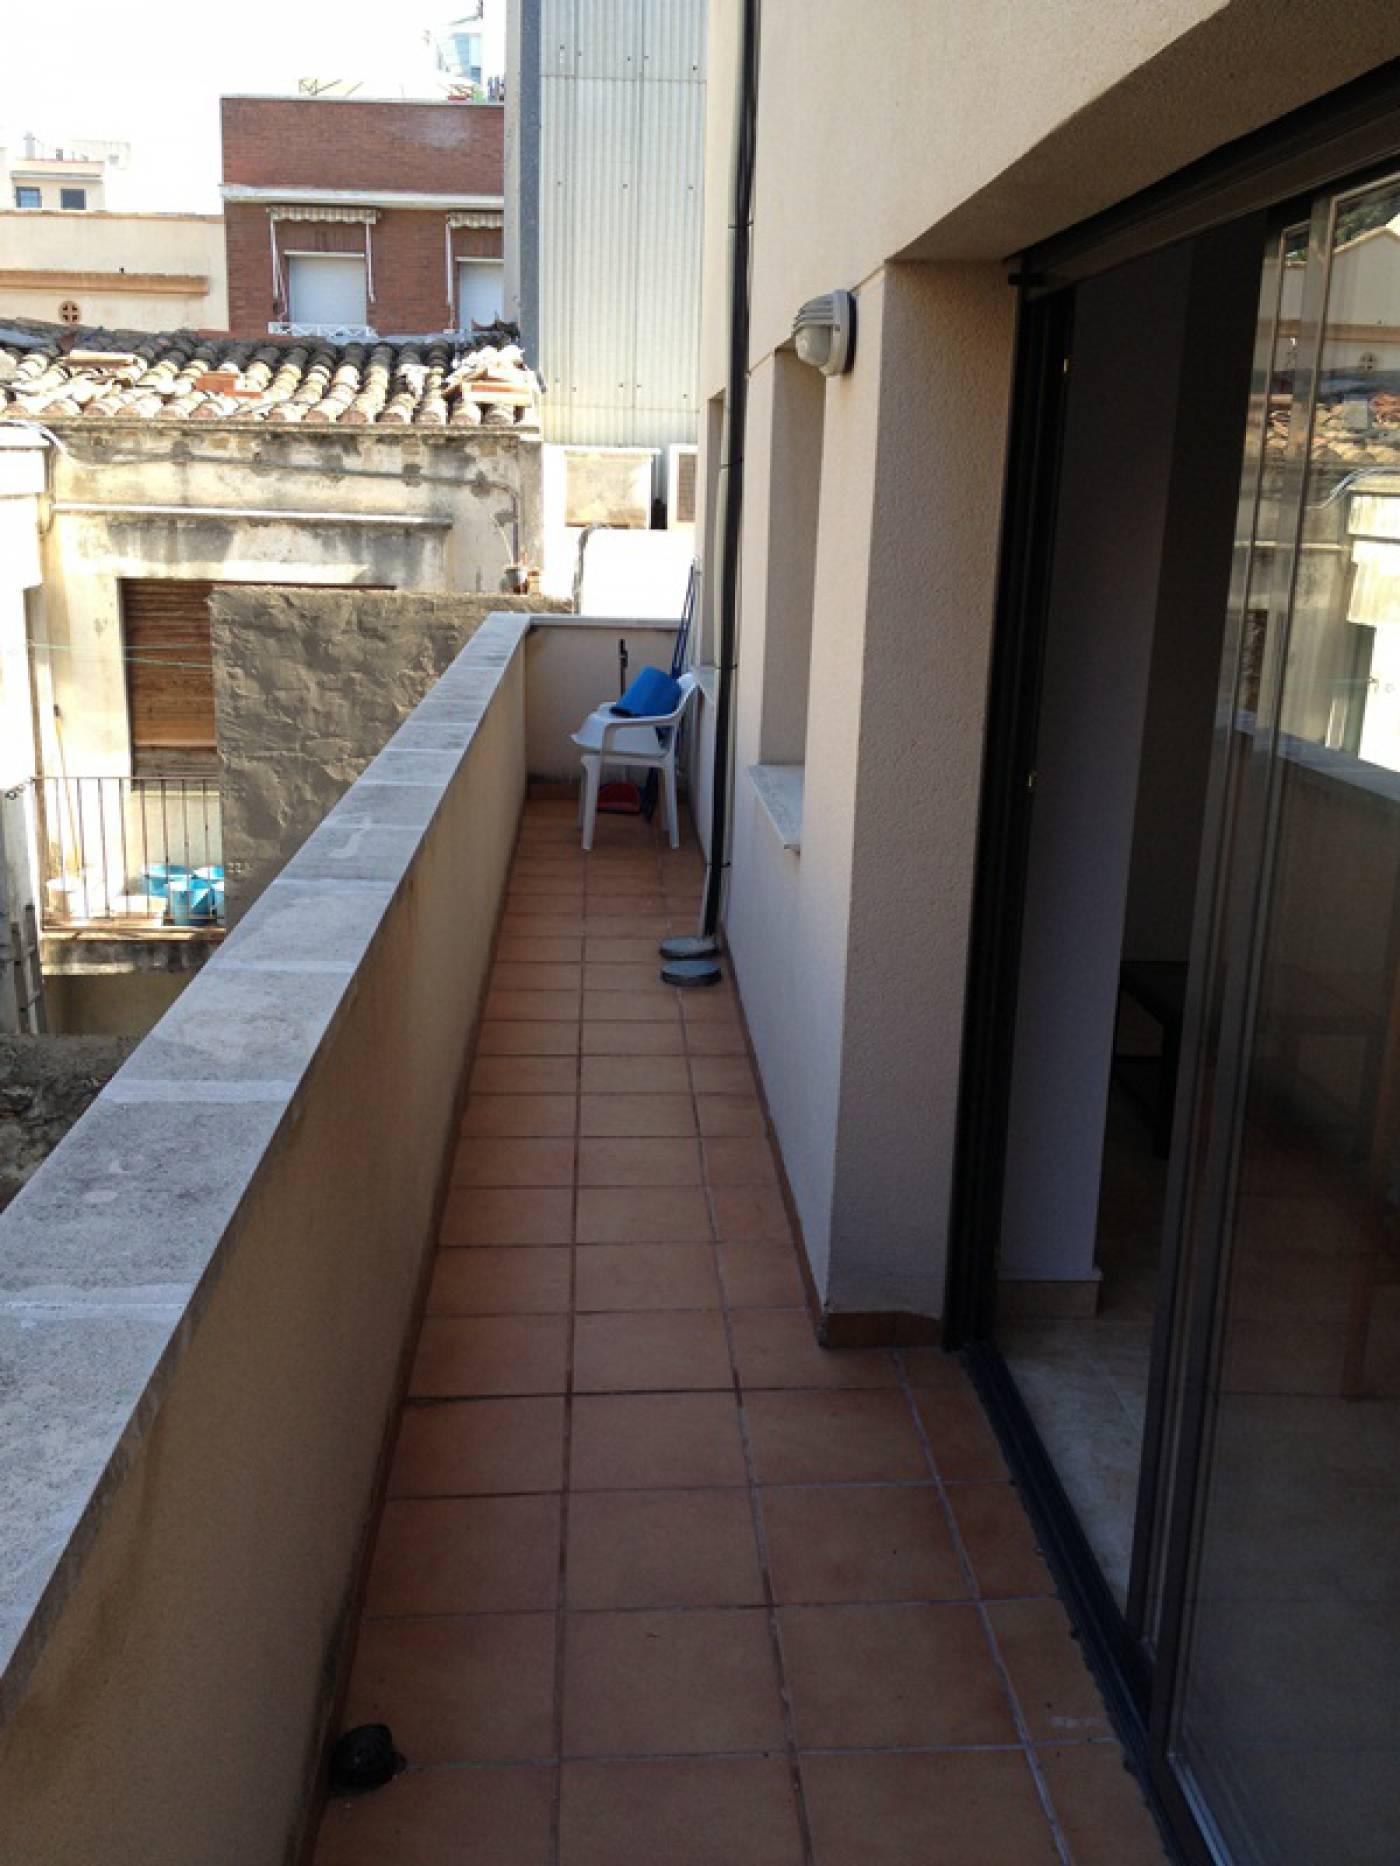 Piso en alquiler en vilanova i la geltr centro finques pascual - Alquiler de pisos en torredembarra ...